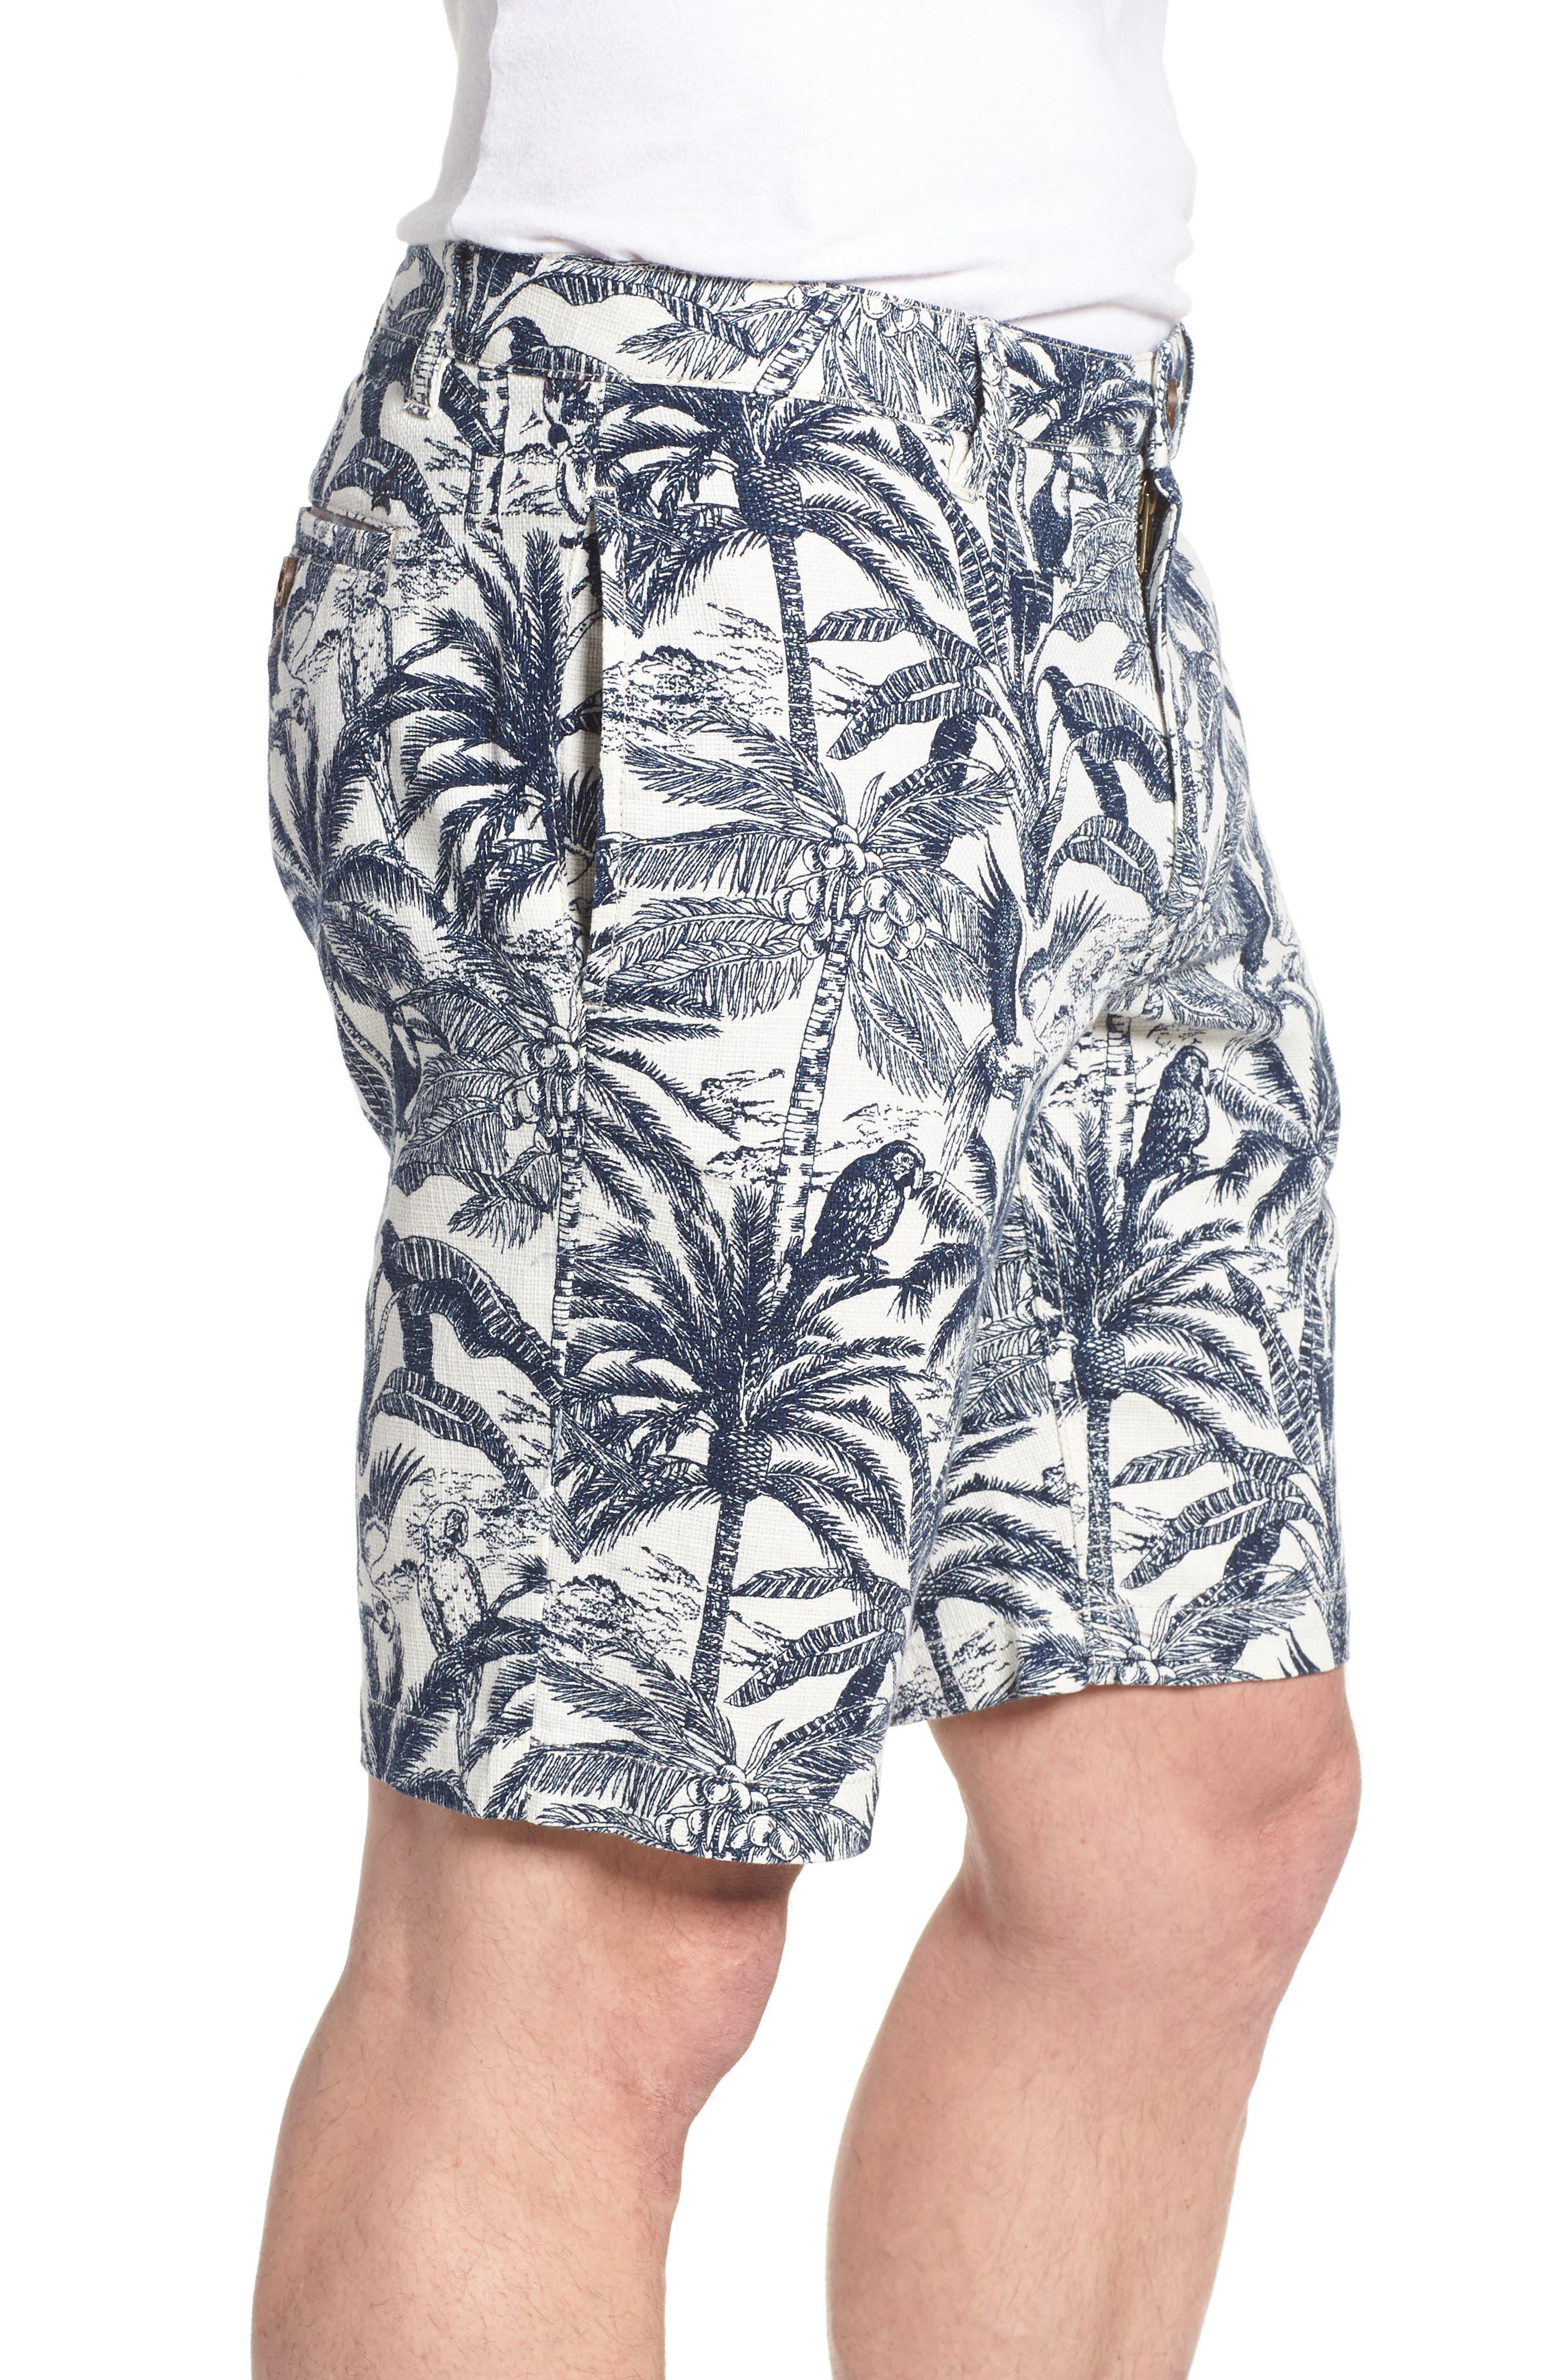 Cotton & Linen Shorts,                             Alternate thumbnail 3, color,                             White Palm Parrot Print